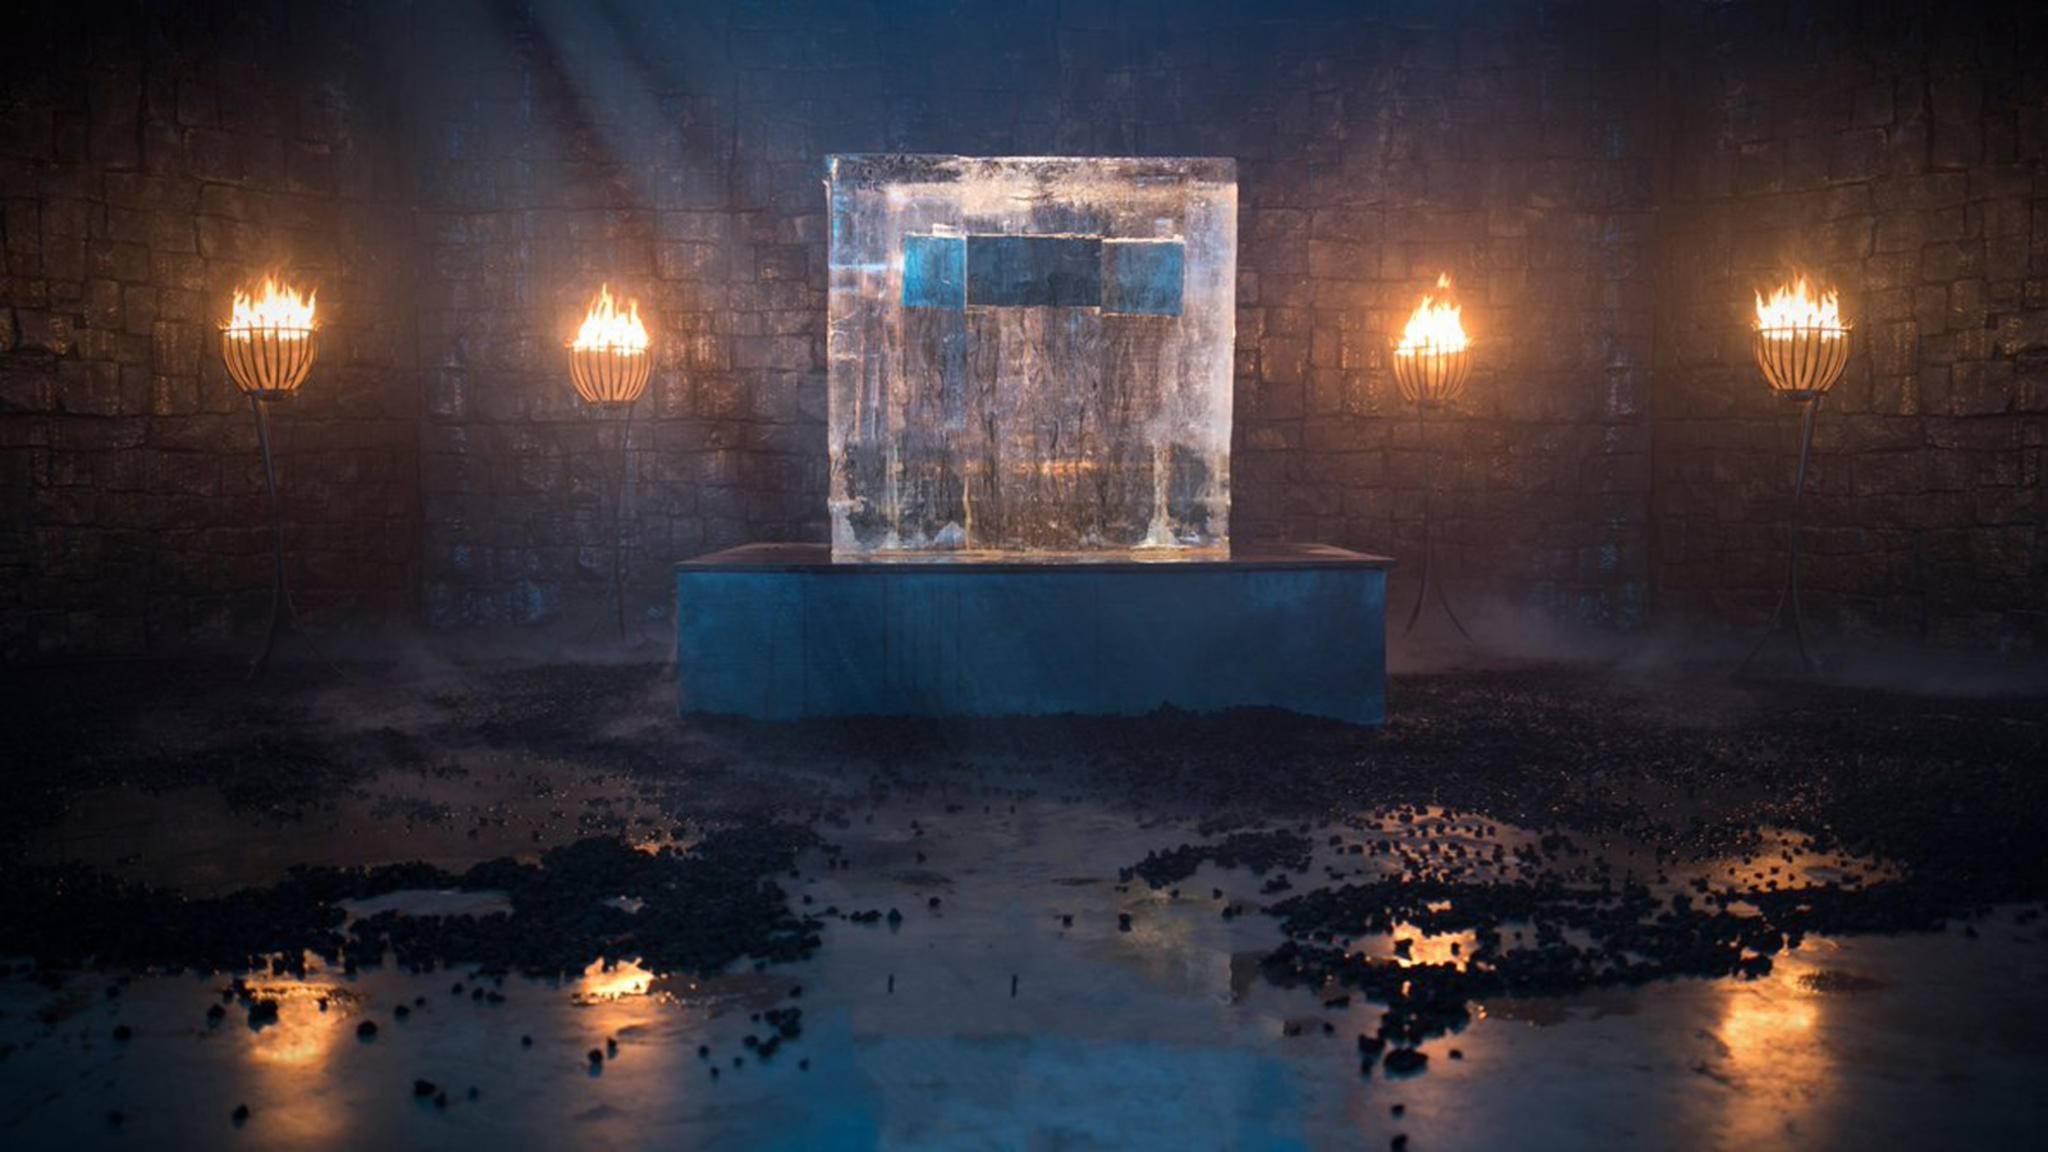 """Diesem Eisblock schauten zahlreiche Menschen beim Schmelzen zu – nur, um zu erfahren, wann es mit """"Game of Thrones"""" weitergeht."""